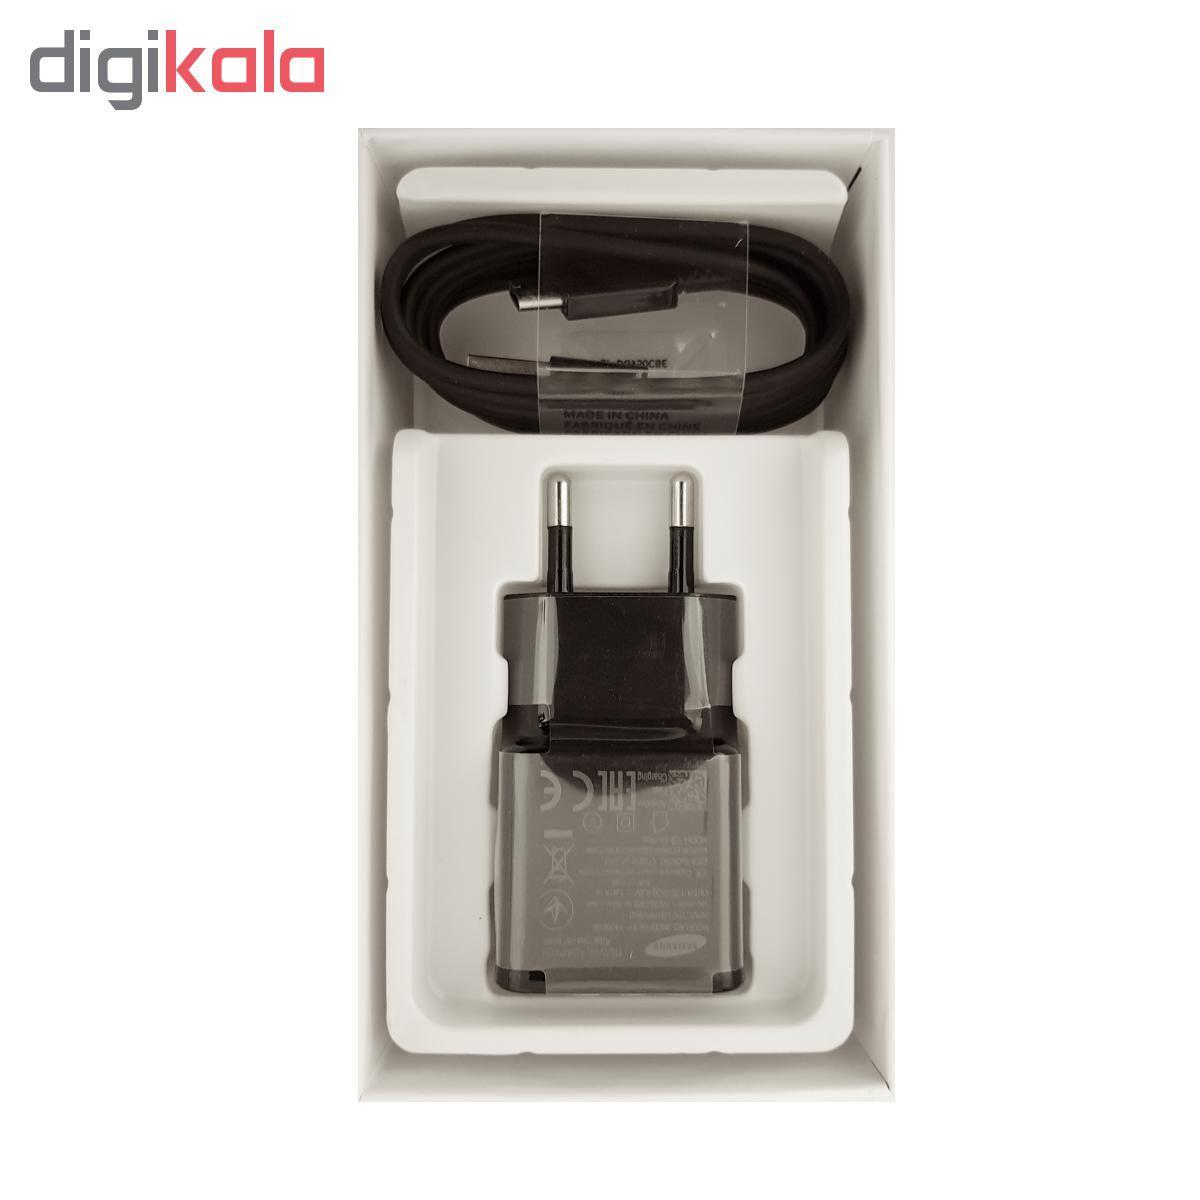 مجموعه لوازم جانبی موبایل مدل  SP-TA200 main 1 1